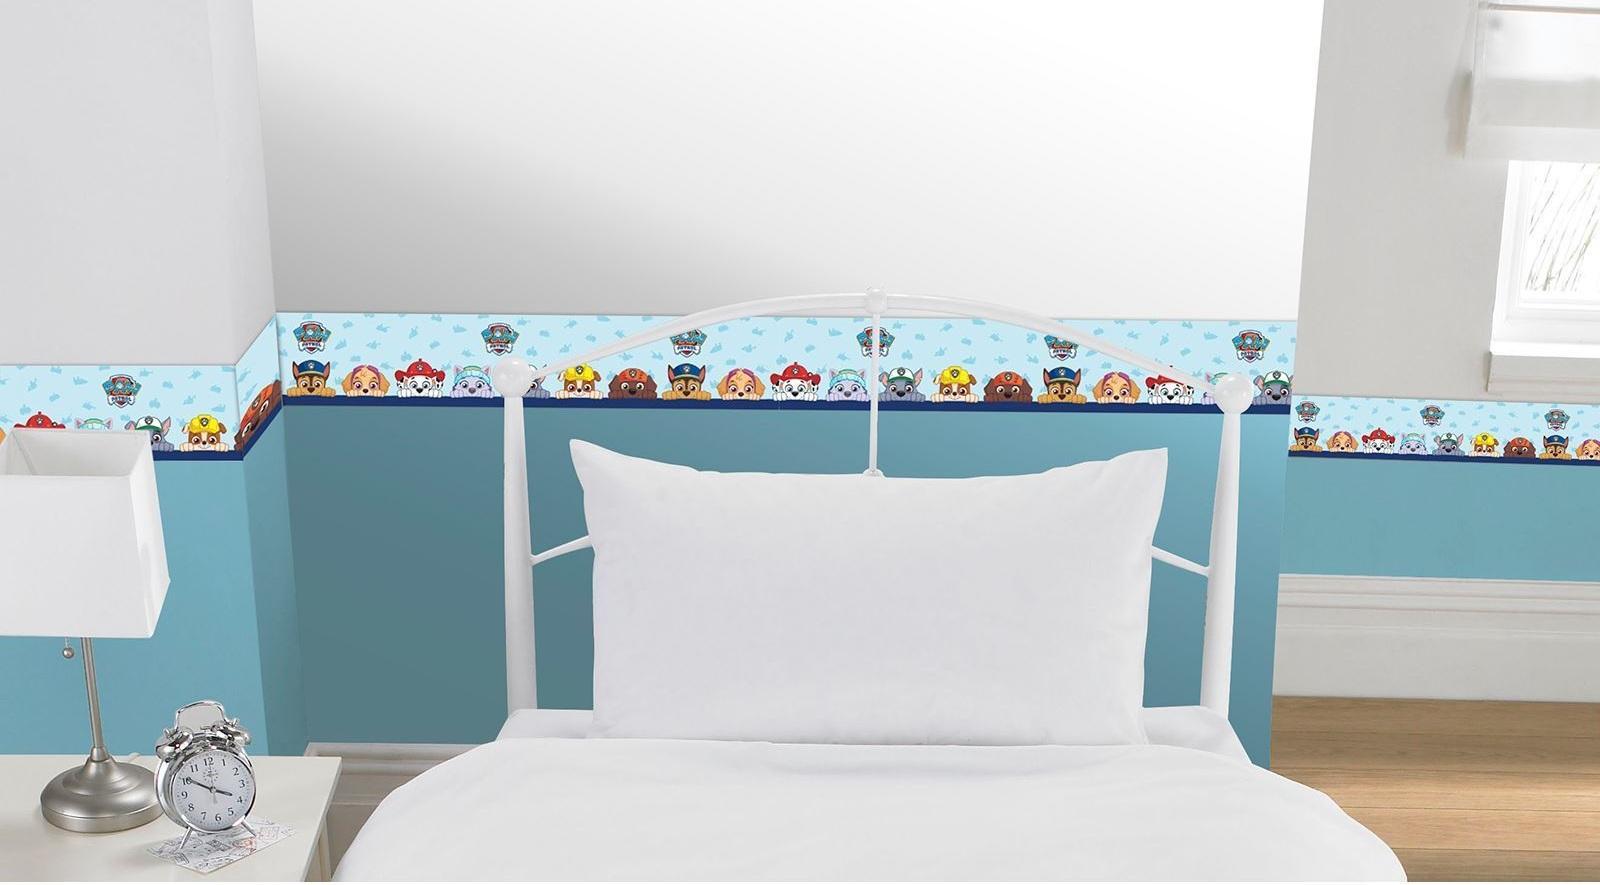 wwe wallpaper border for boys bedroom